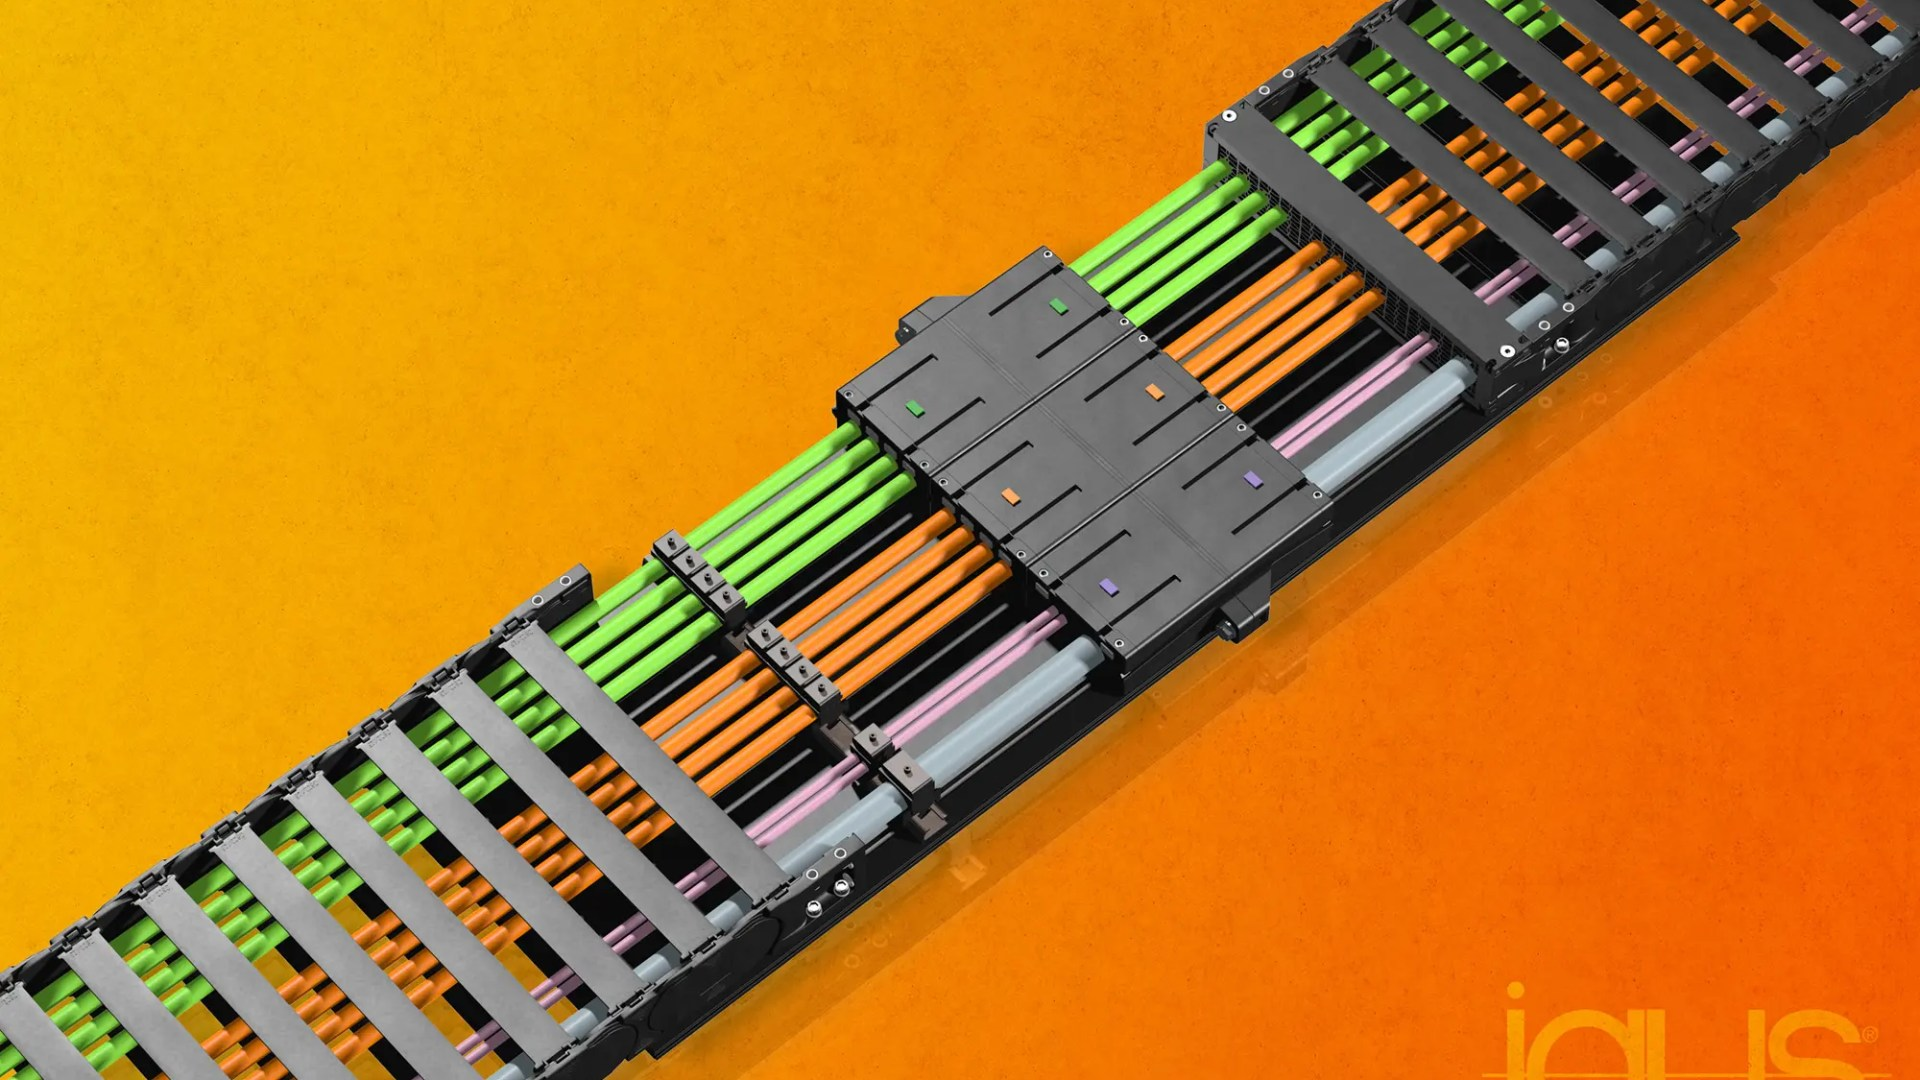 Ahorre tiempo y espacio con los kits modulares de conectores inteligentes